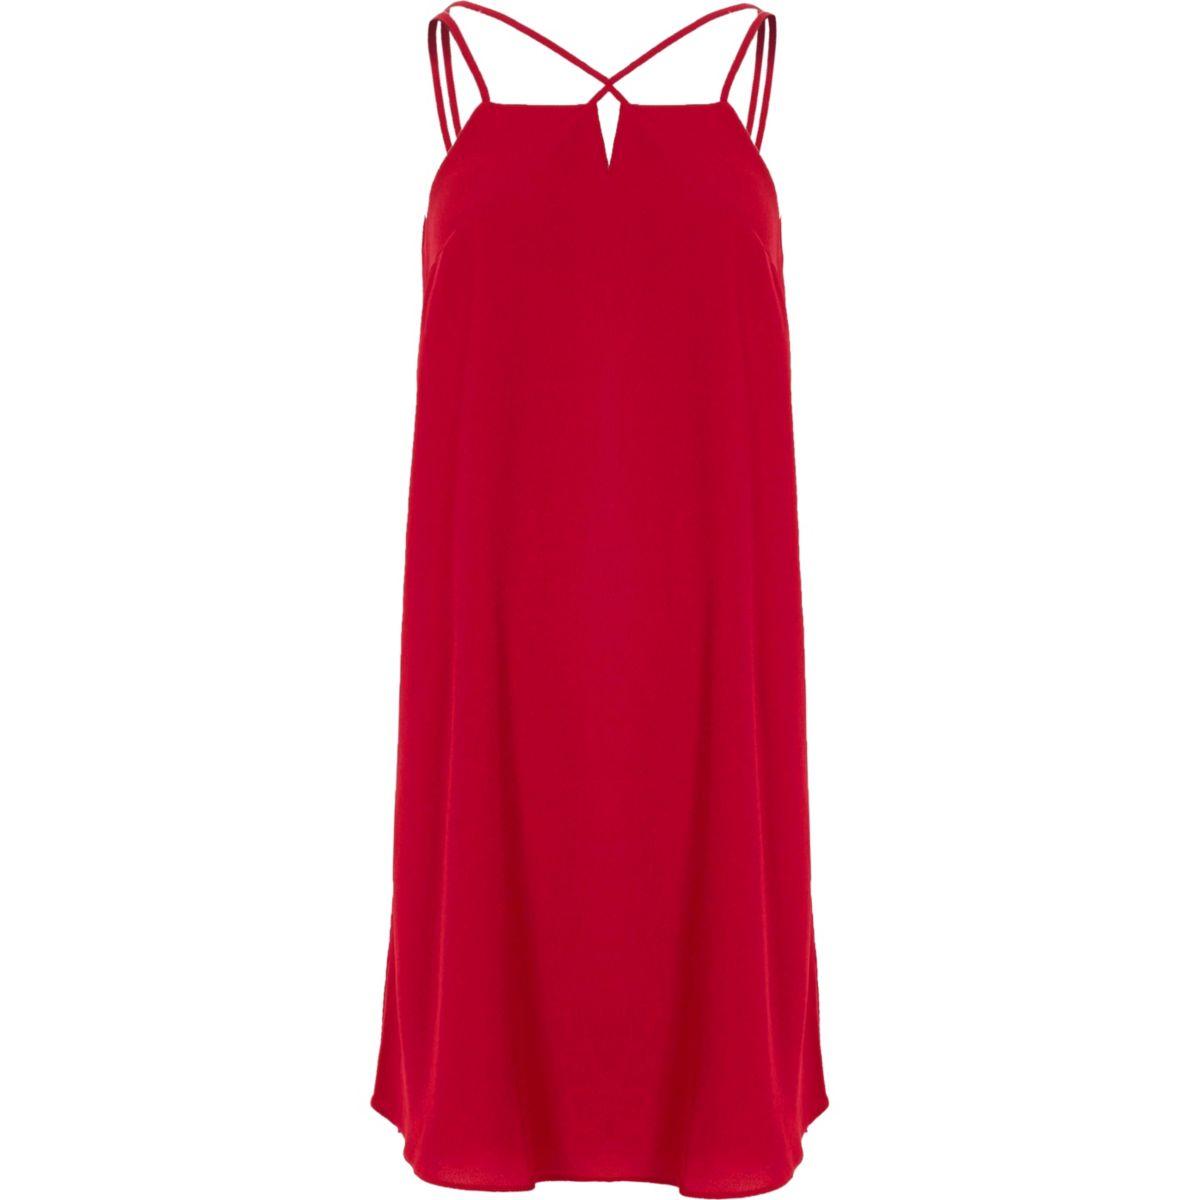 Red cross strap back slip dress